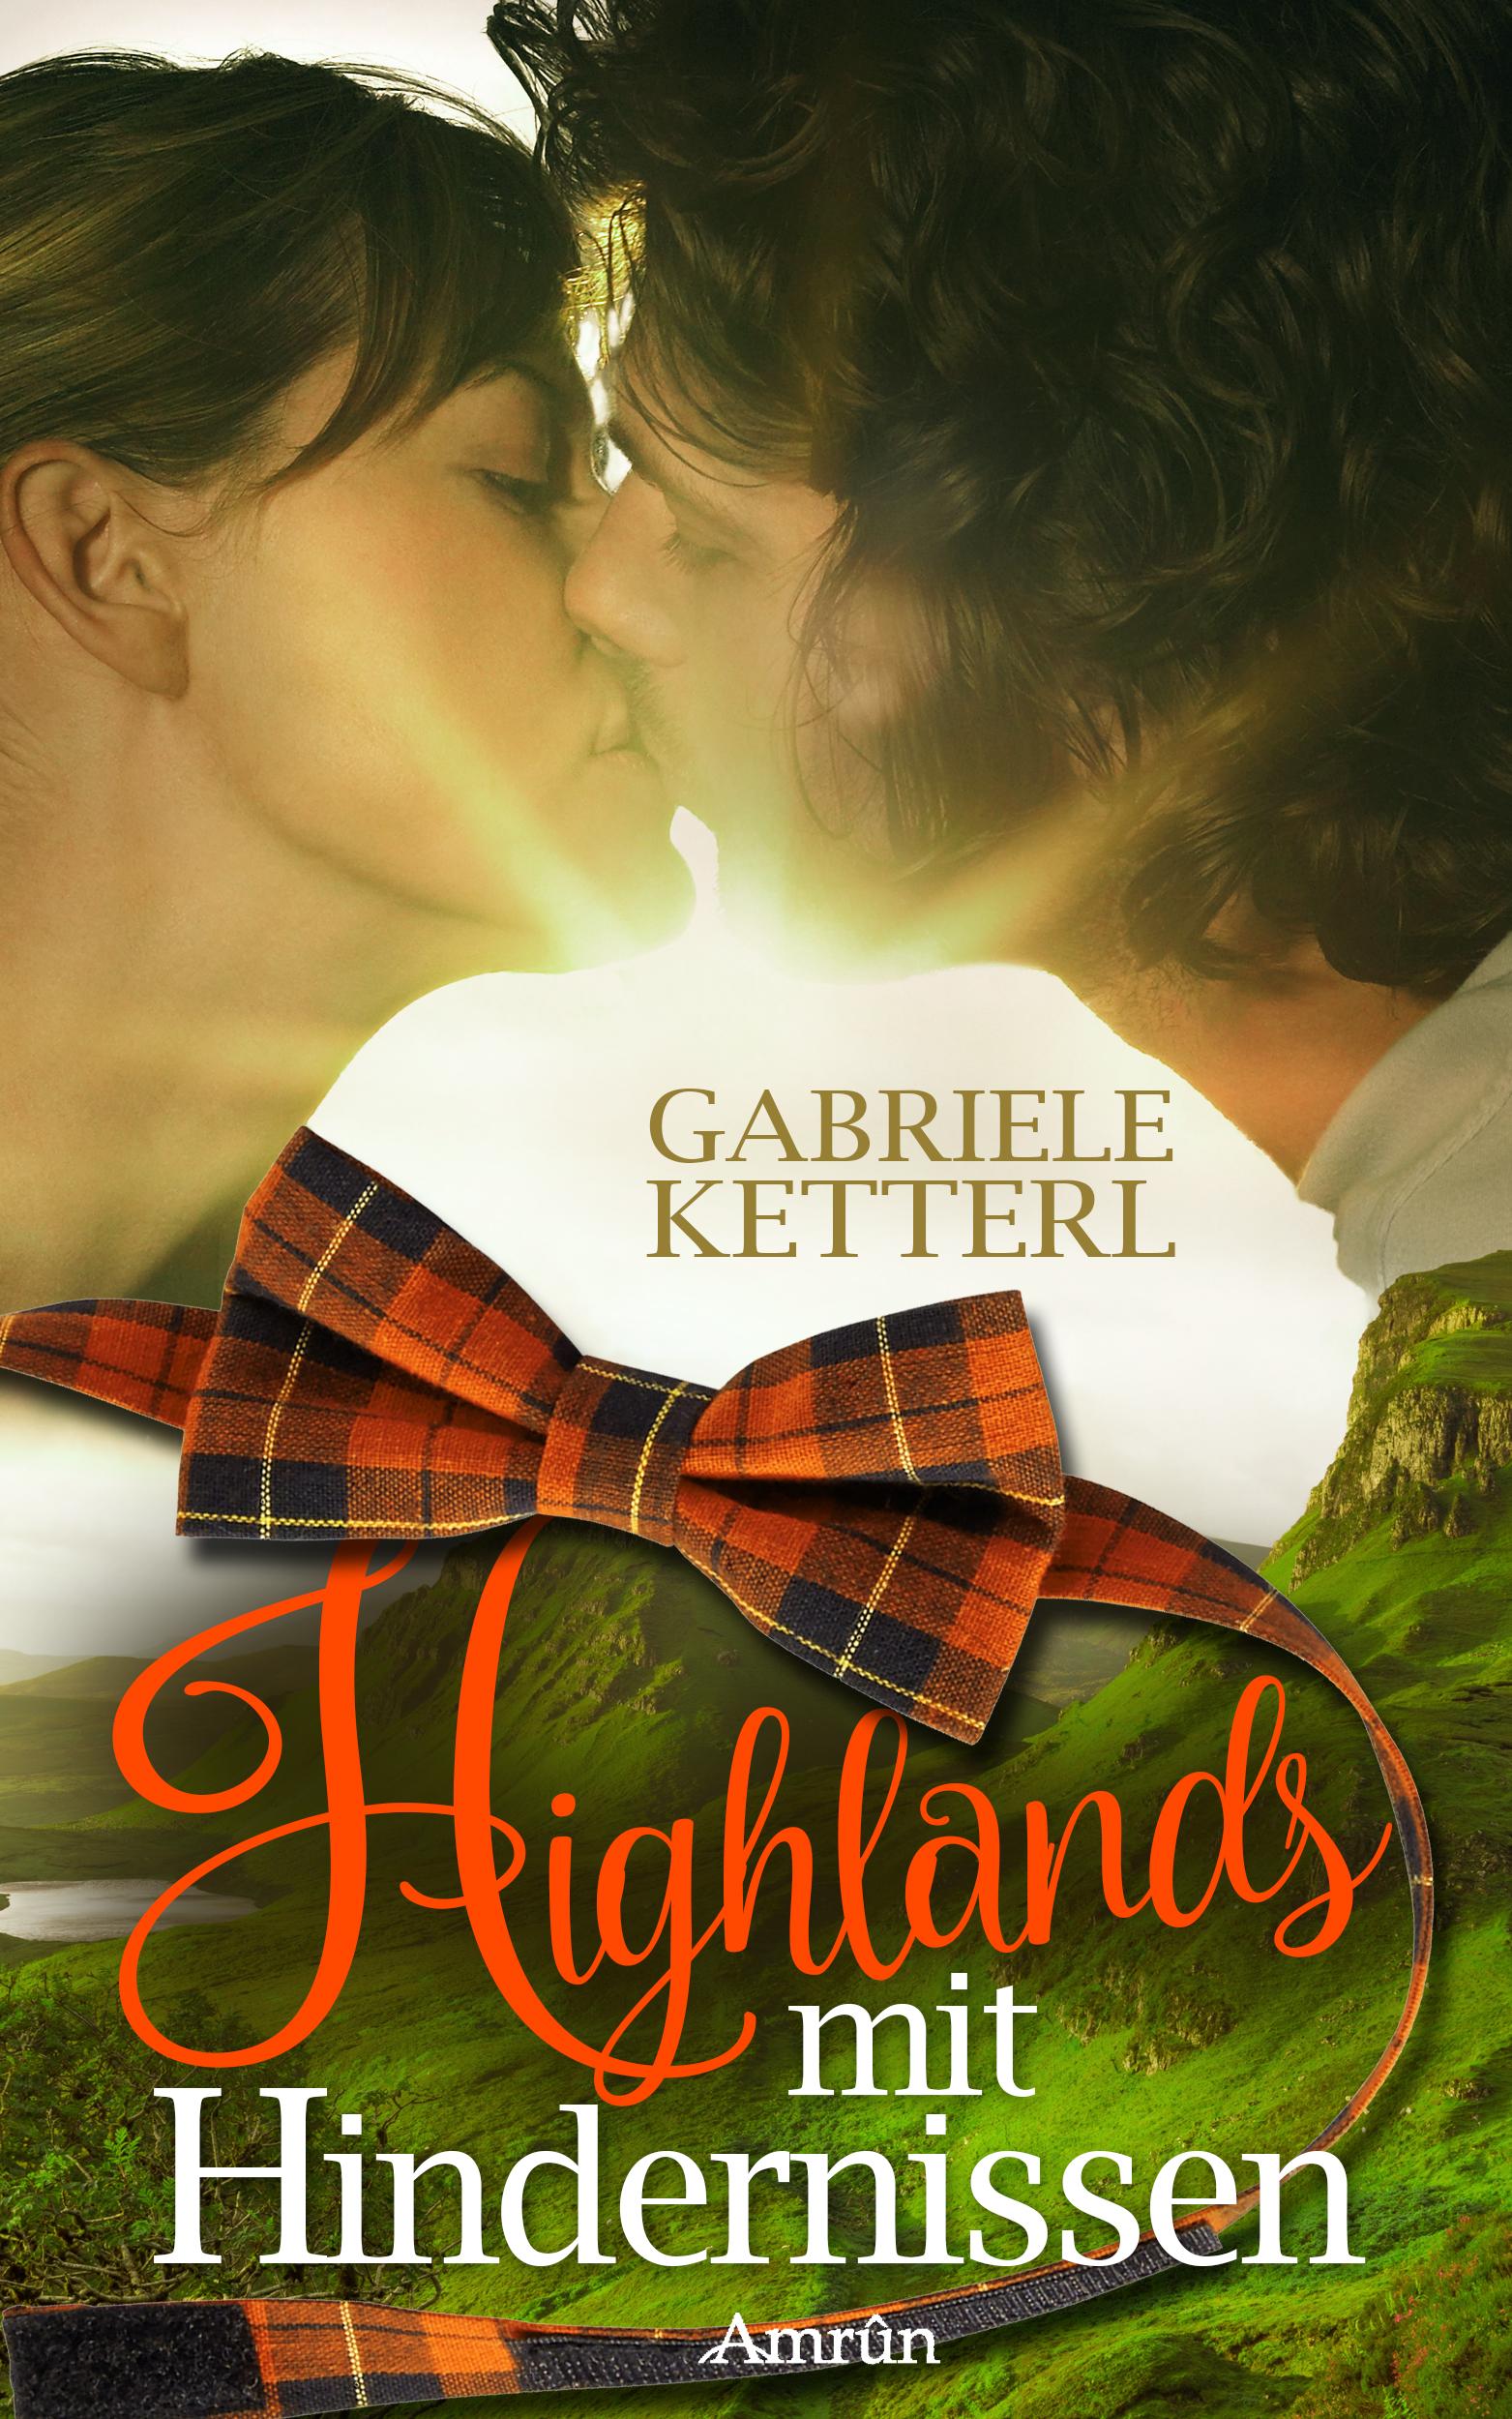 Highlands-mit-Hindernissen-Gabriele-Ketterl